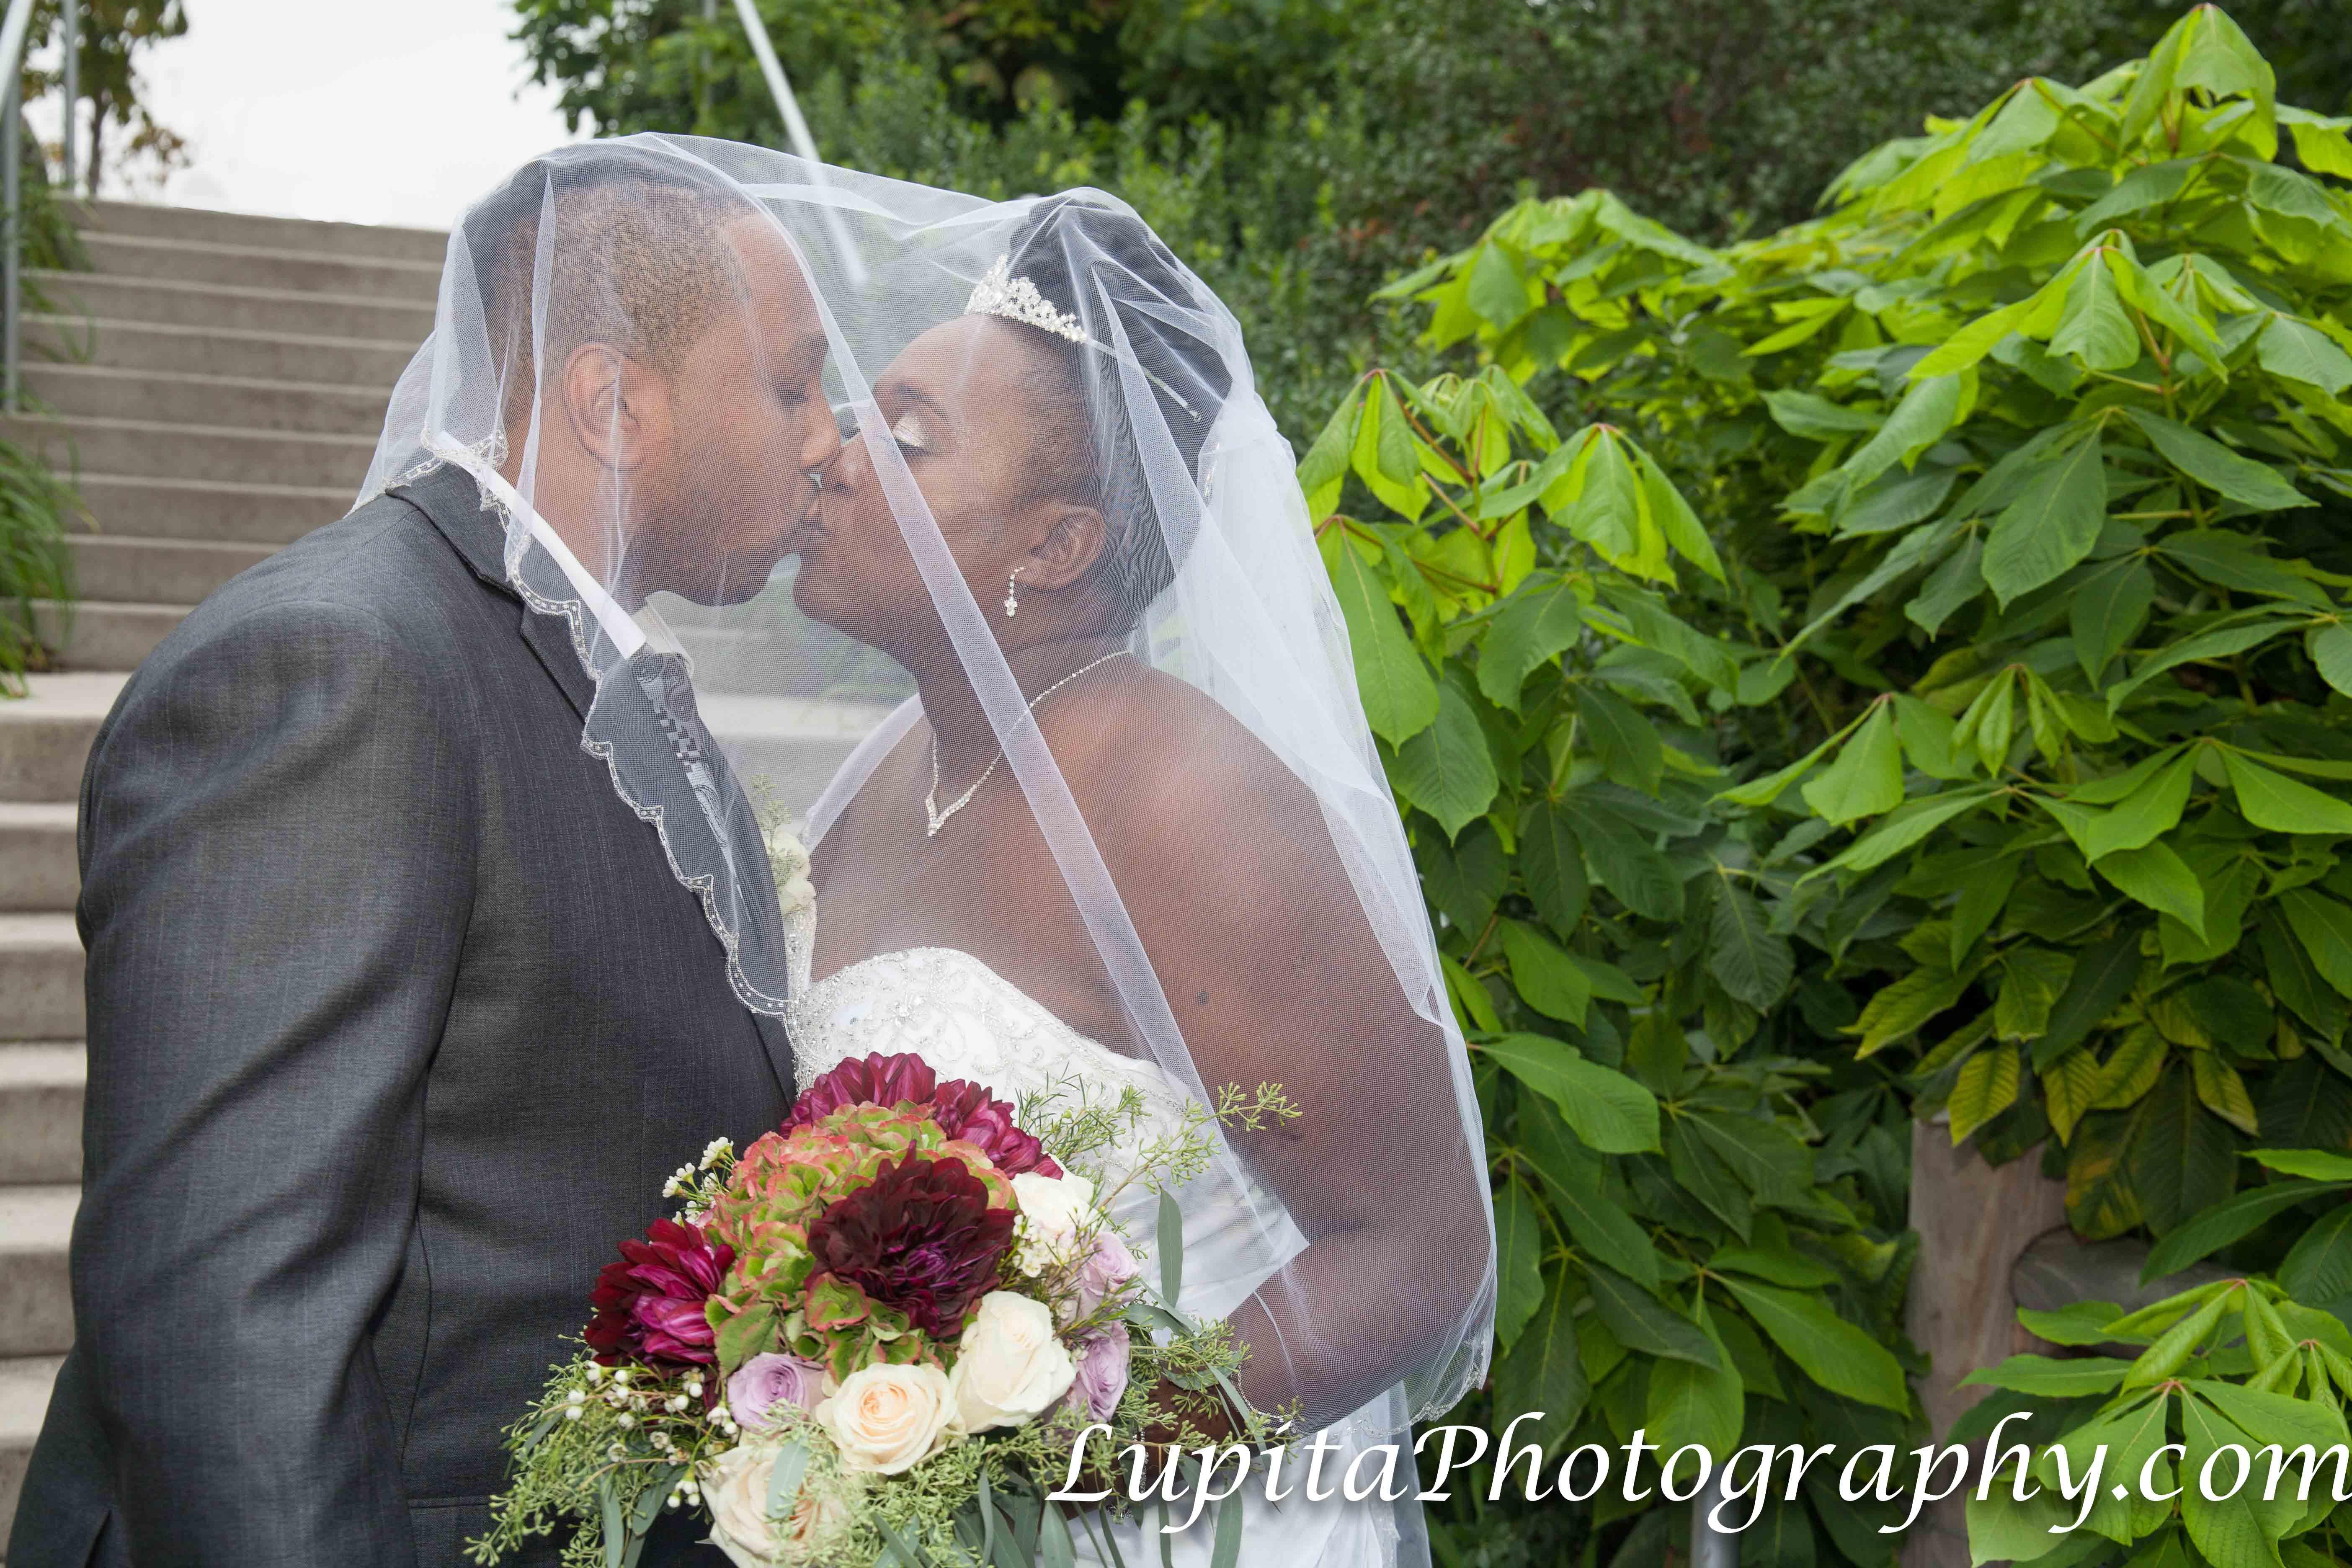 A beautiful couple on their wedding day. It was a great experience creating their photos and video. Una hermosa pareja en el día de su boda. Fue una gran experiencia la creación de sus fotos y video.